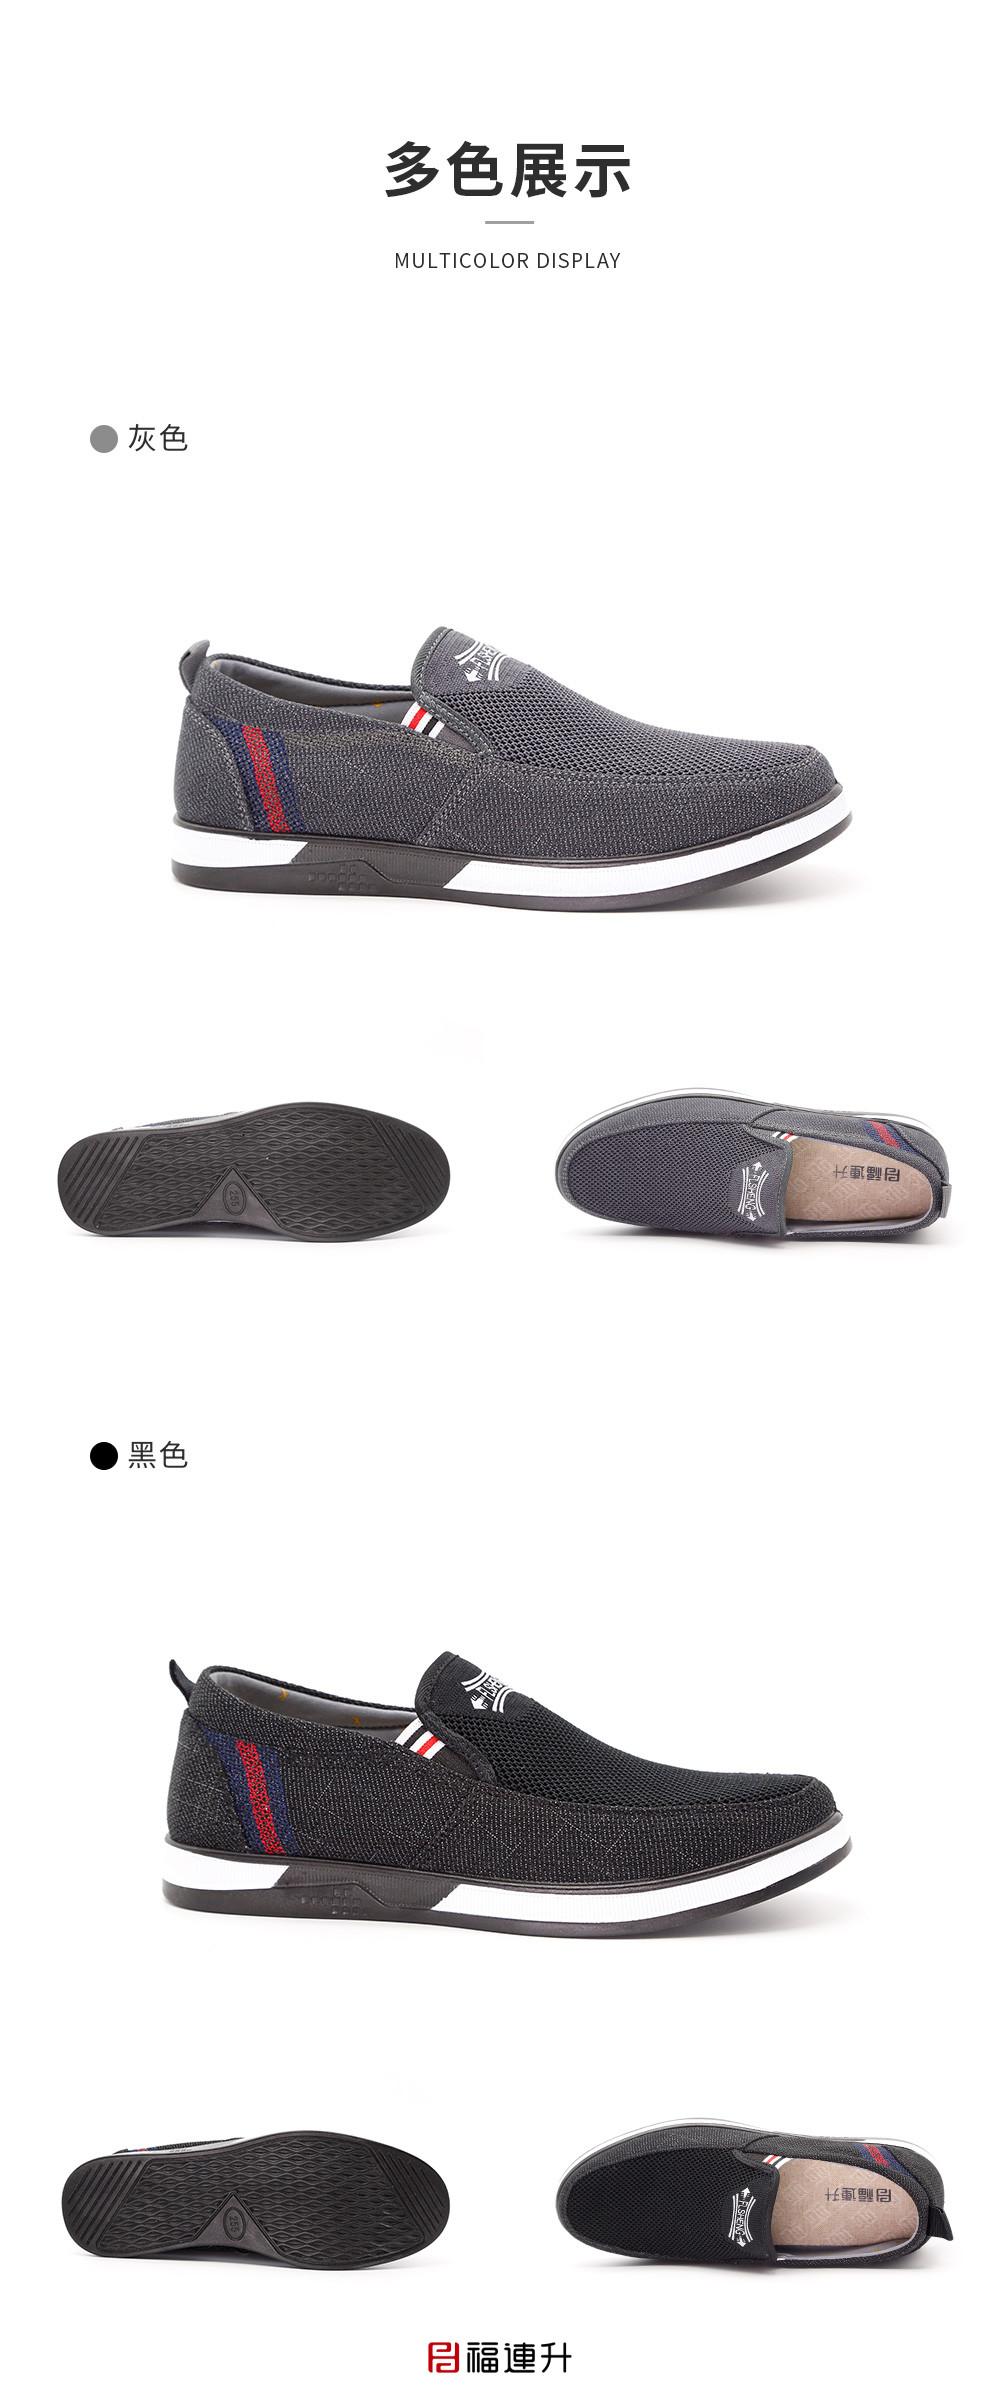 福连升老北京布鞋男透气单鞋休闲棉麻舒适一脚蹬中老年爸爸鞋图片